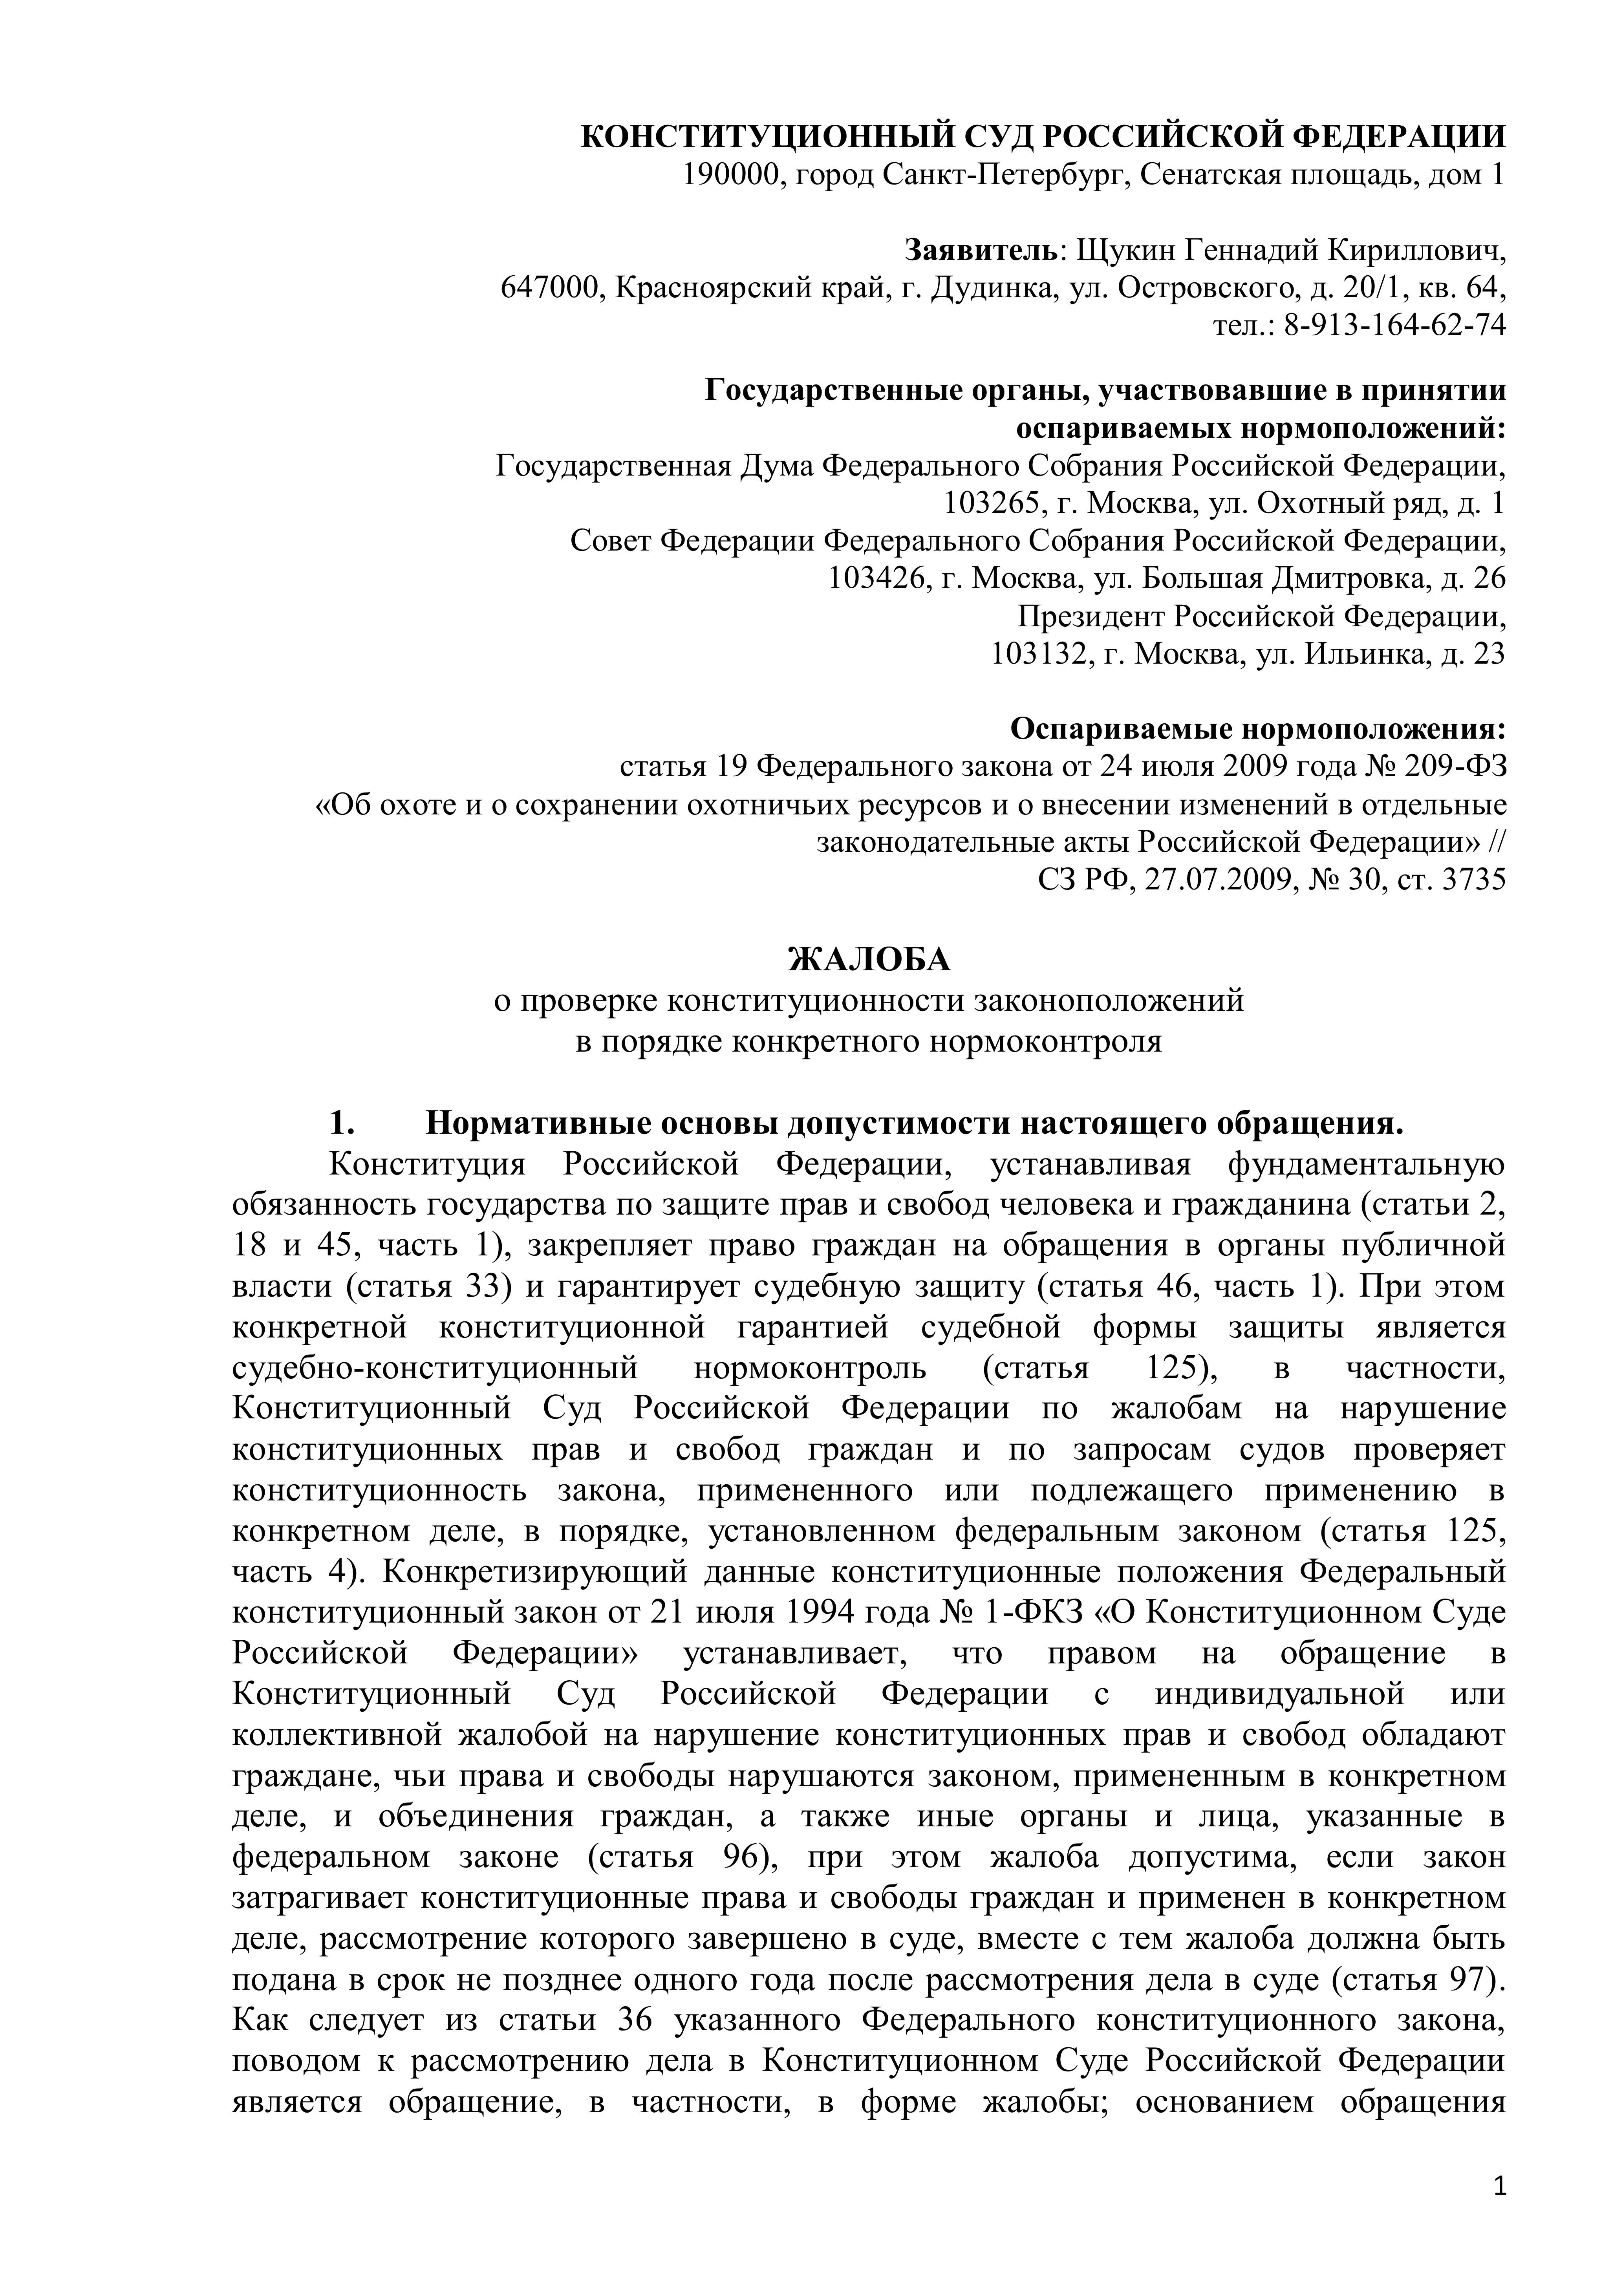 Конституционный суд жалоба одиг год допустимость